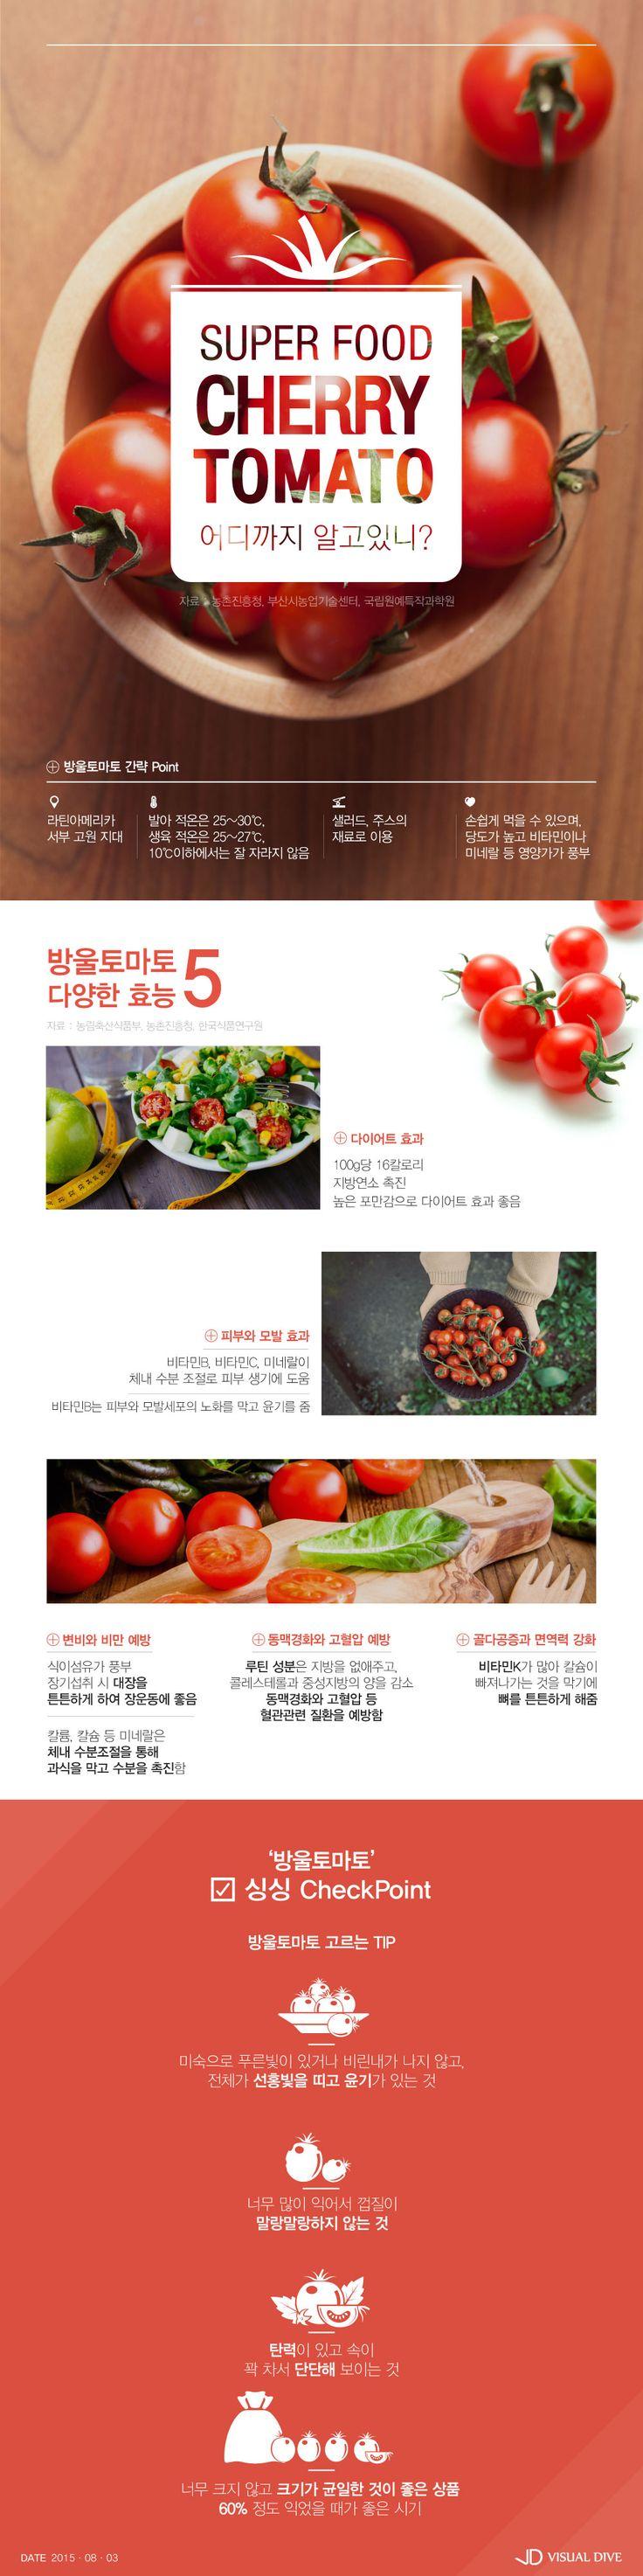 VD-tomato-20150731